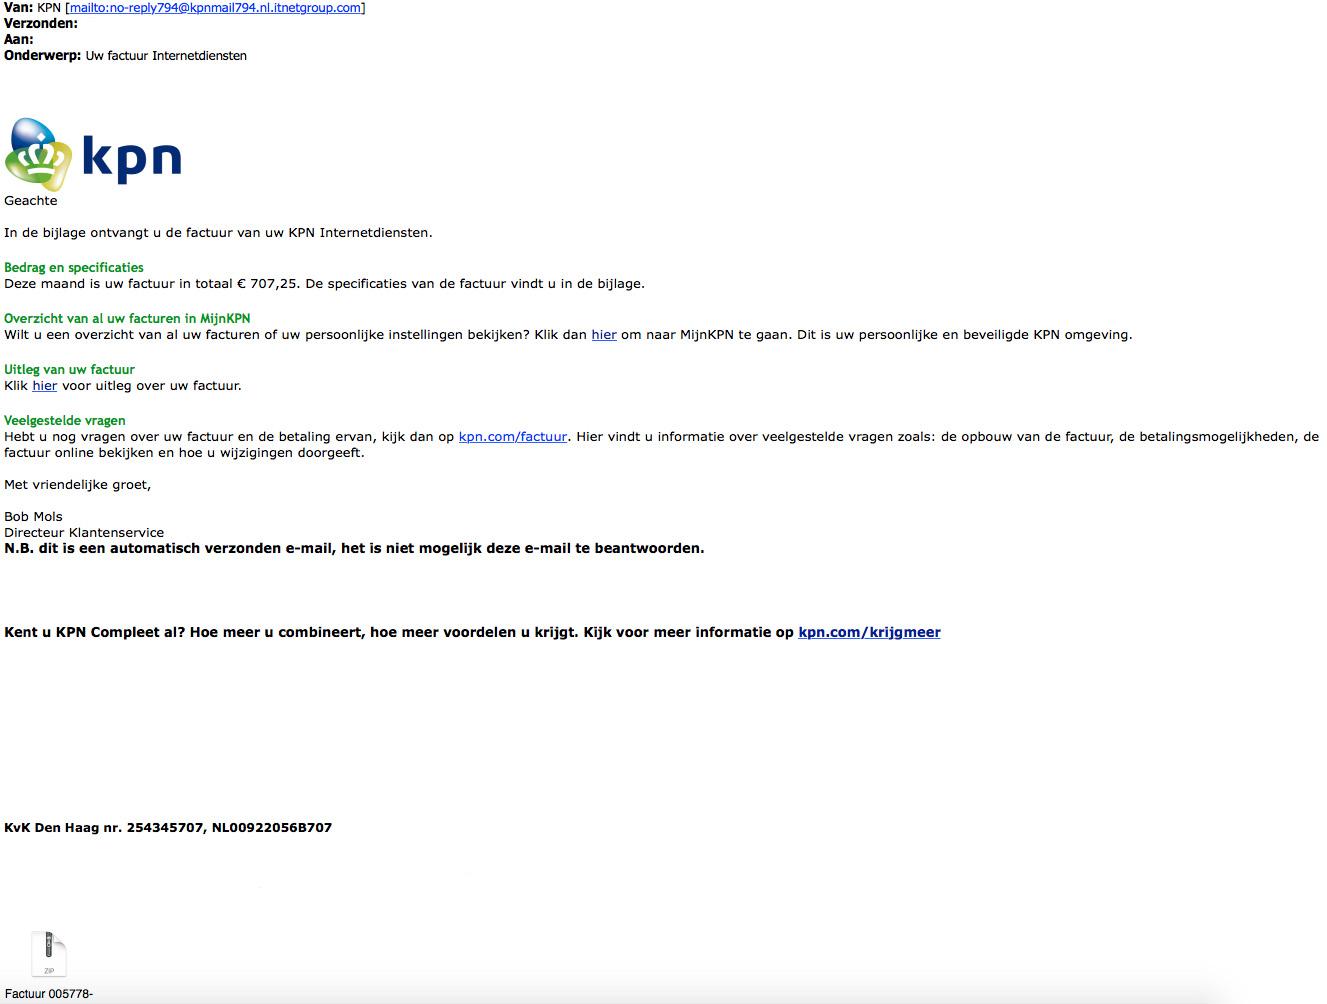 7b0175284c725a Pas op voor meerdere malwaremails 'KPN' - Opgelicht?! - AVROTROS programma  over oplichting en fraude en bedrog